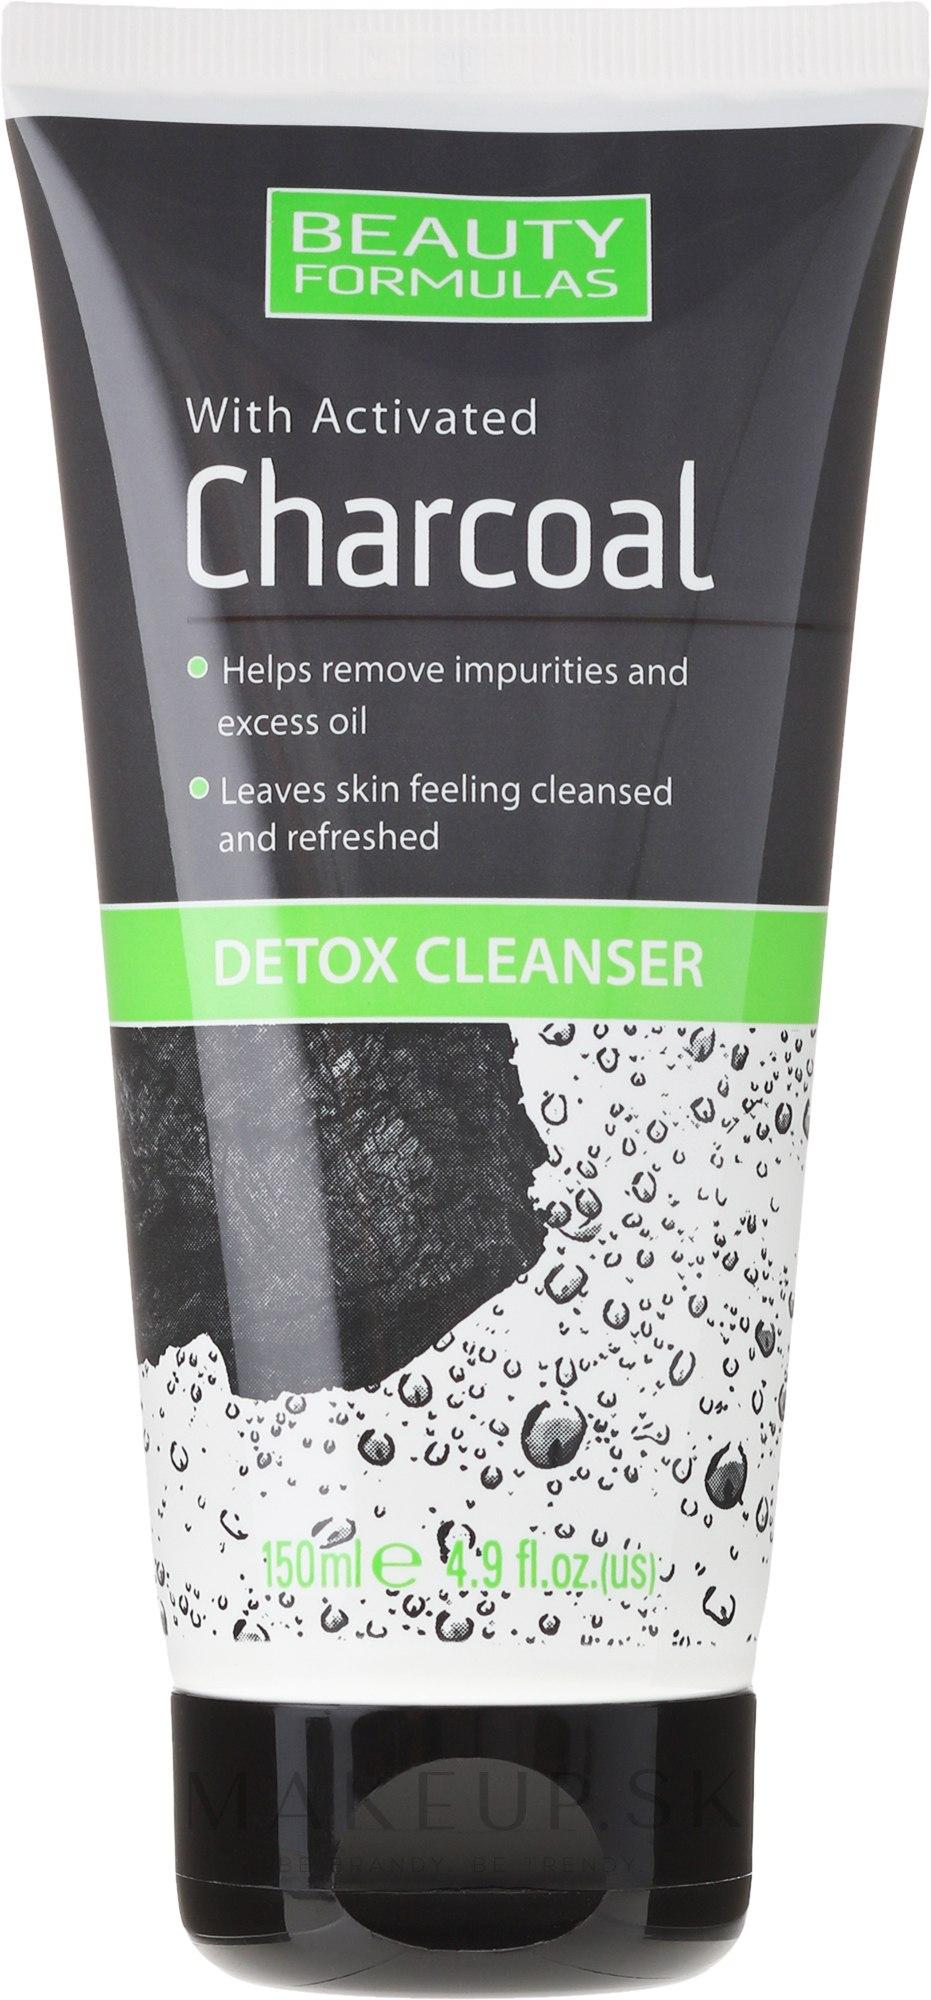 Prostriedky pre čistenie pleti tváre s uhlím - Beauty Formulas Charcoal Detox Cleanser — Obrázky 150 ml